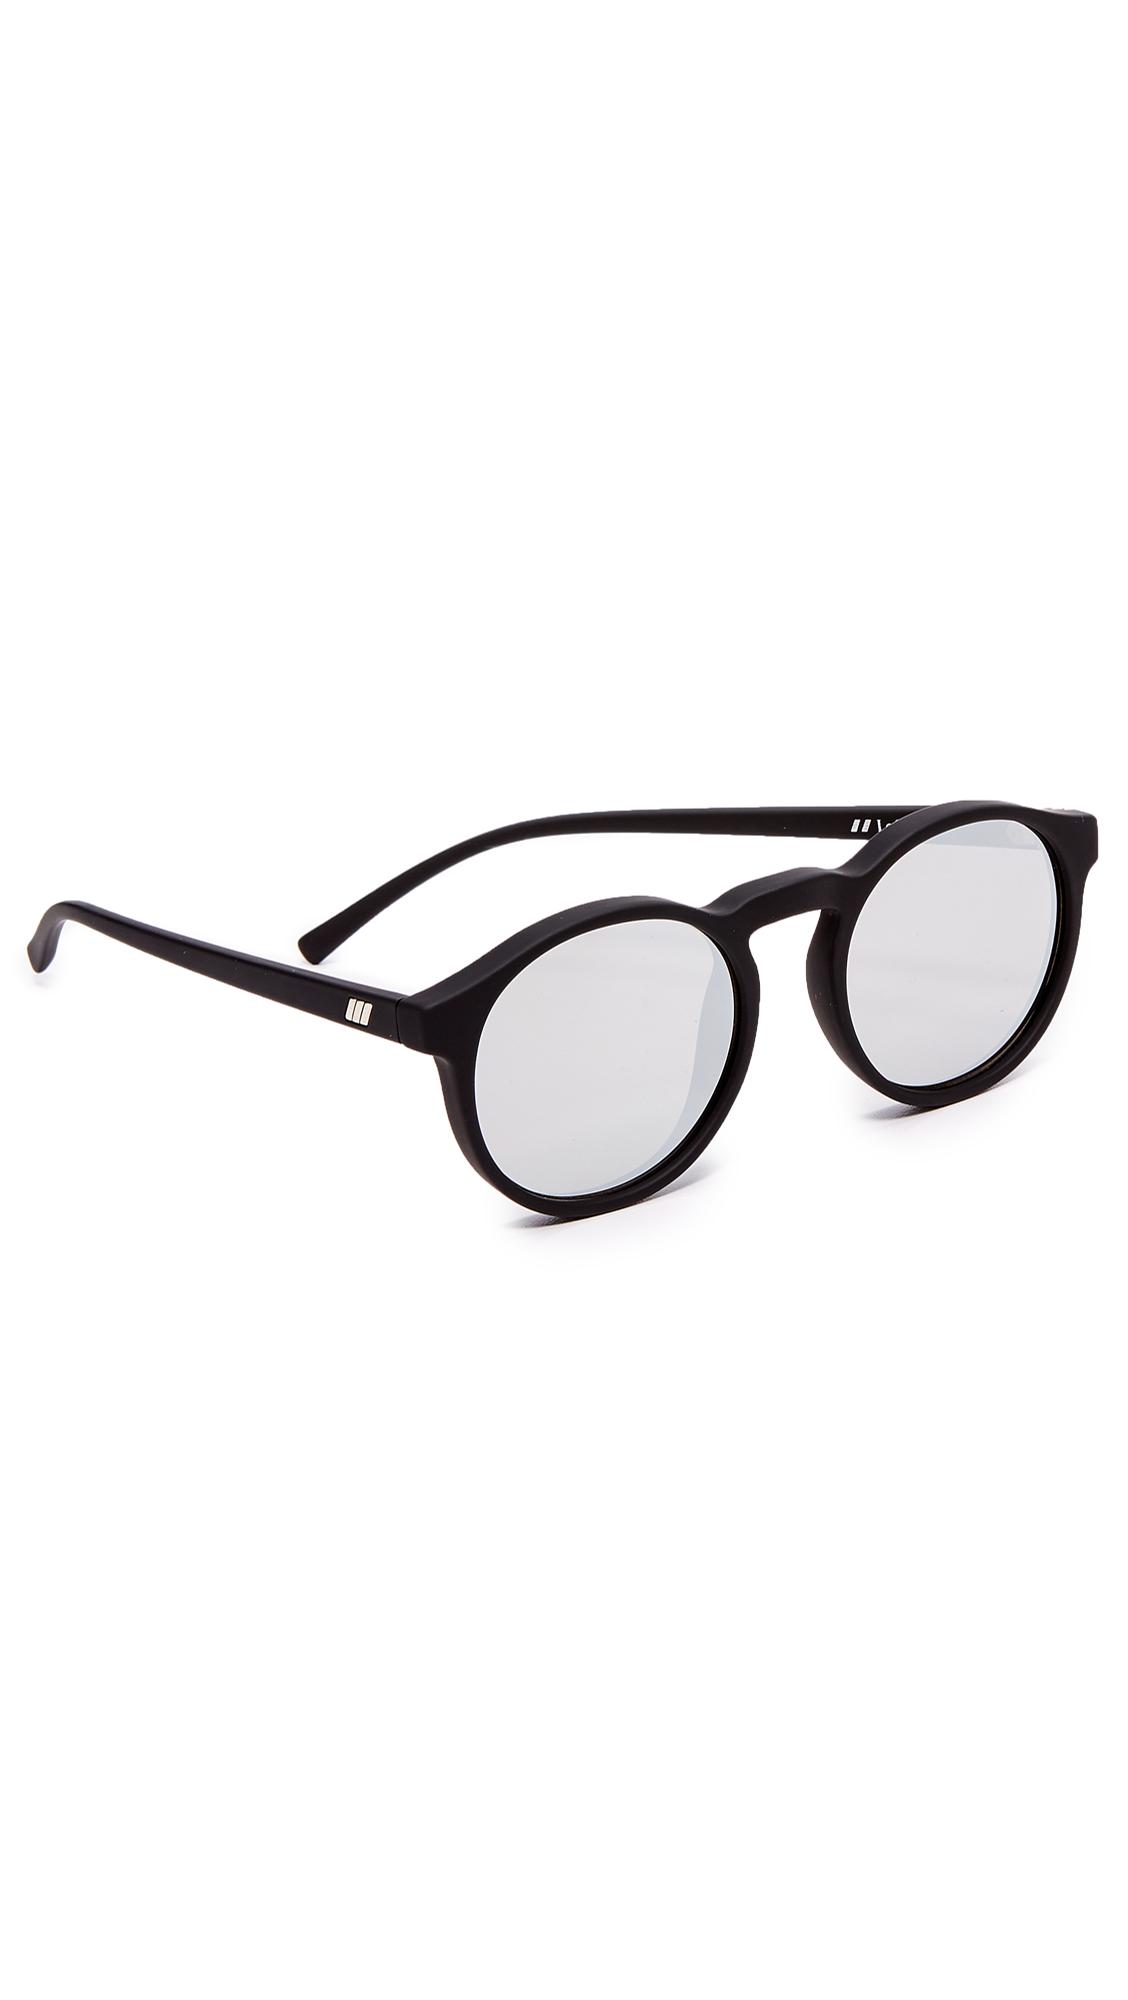 c49a350f2ff Le Specs Cubanos Sunglasses In Black Rubber Silver Revo ...